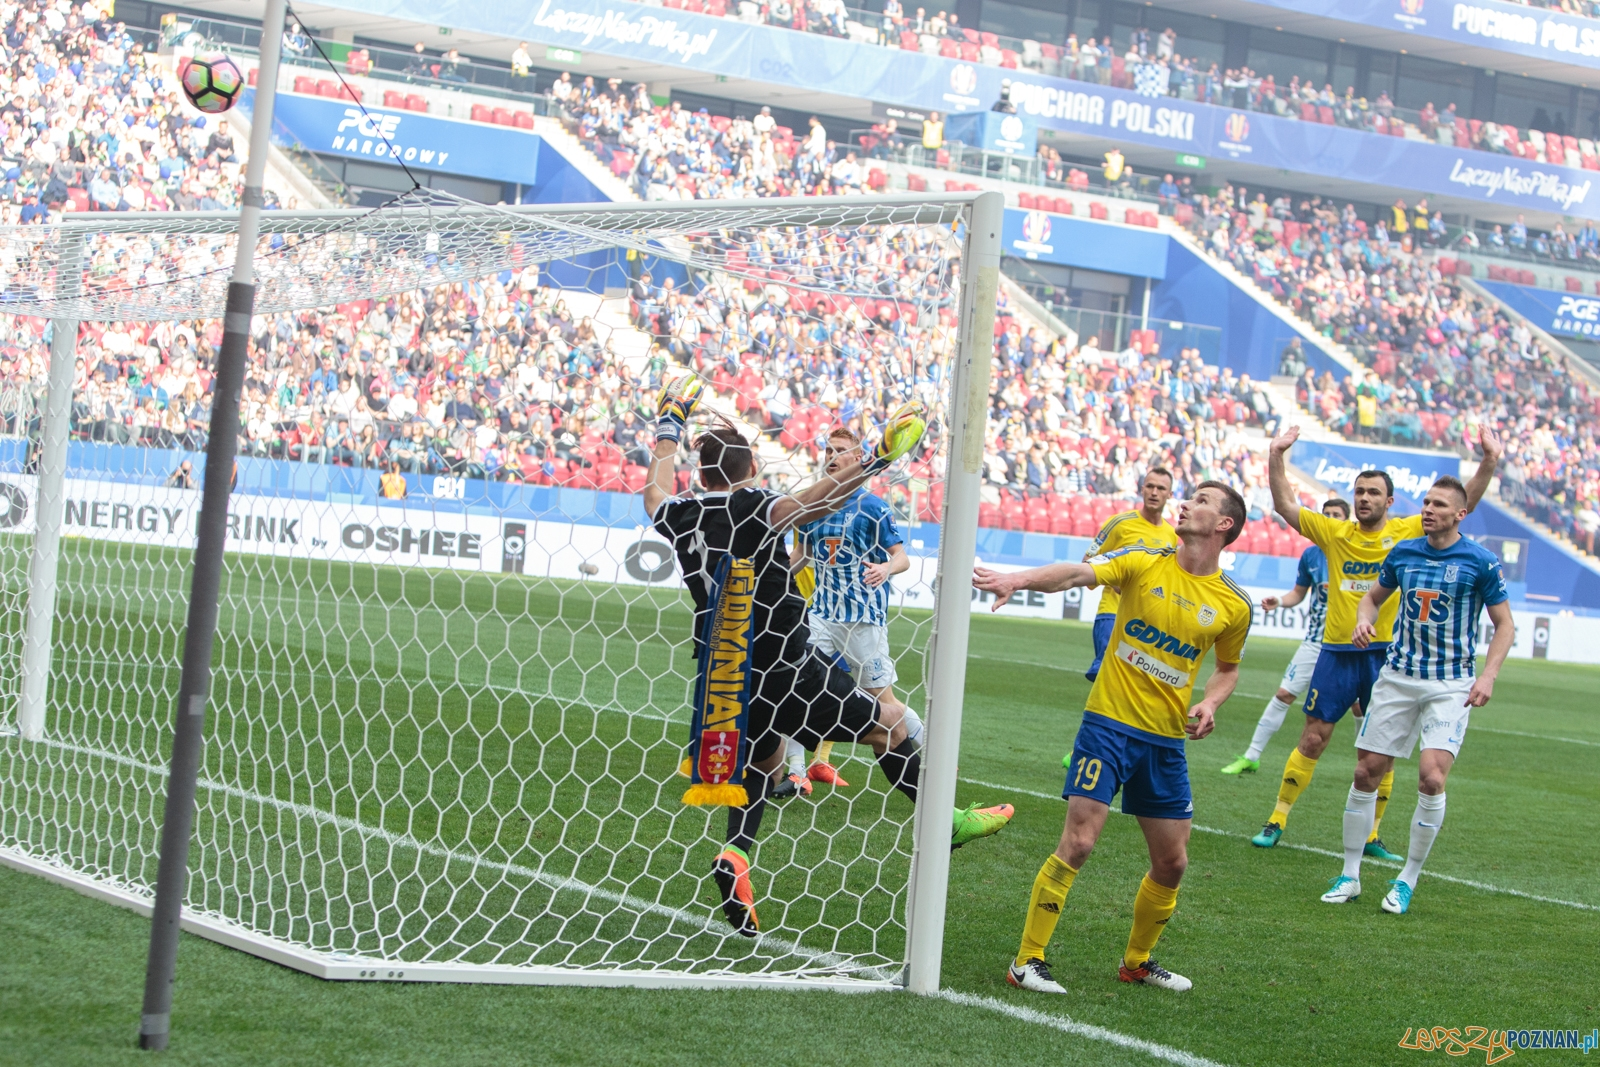 Finał Pucharu Polski: KKS Lech Poznań - Arka Gdynia 0:0 (1:2)  Foto: LepszyPOZNAN.pl / Paweł Rychter